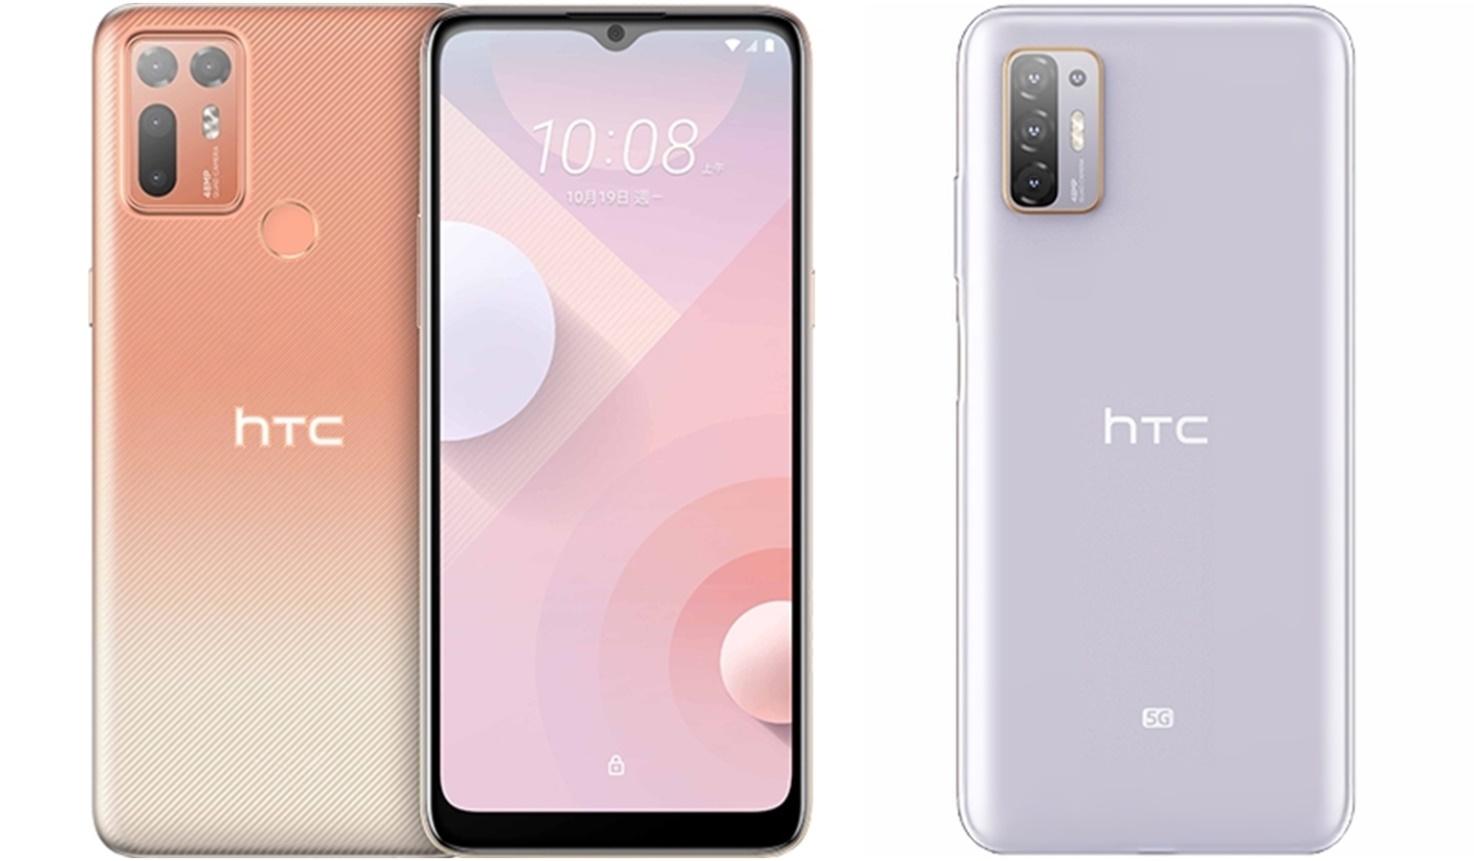 【機型比較】HTC Desire 21 Pro跟20+的不同差異為何?該怎麼選擇?哪裡買最便宜?